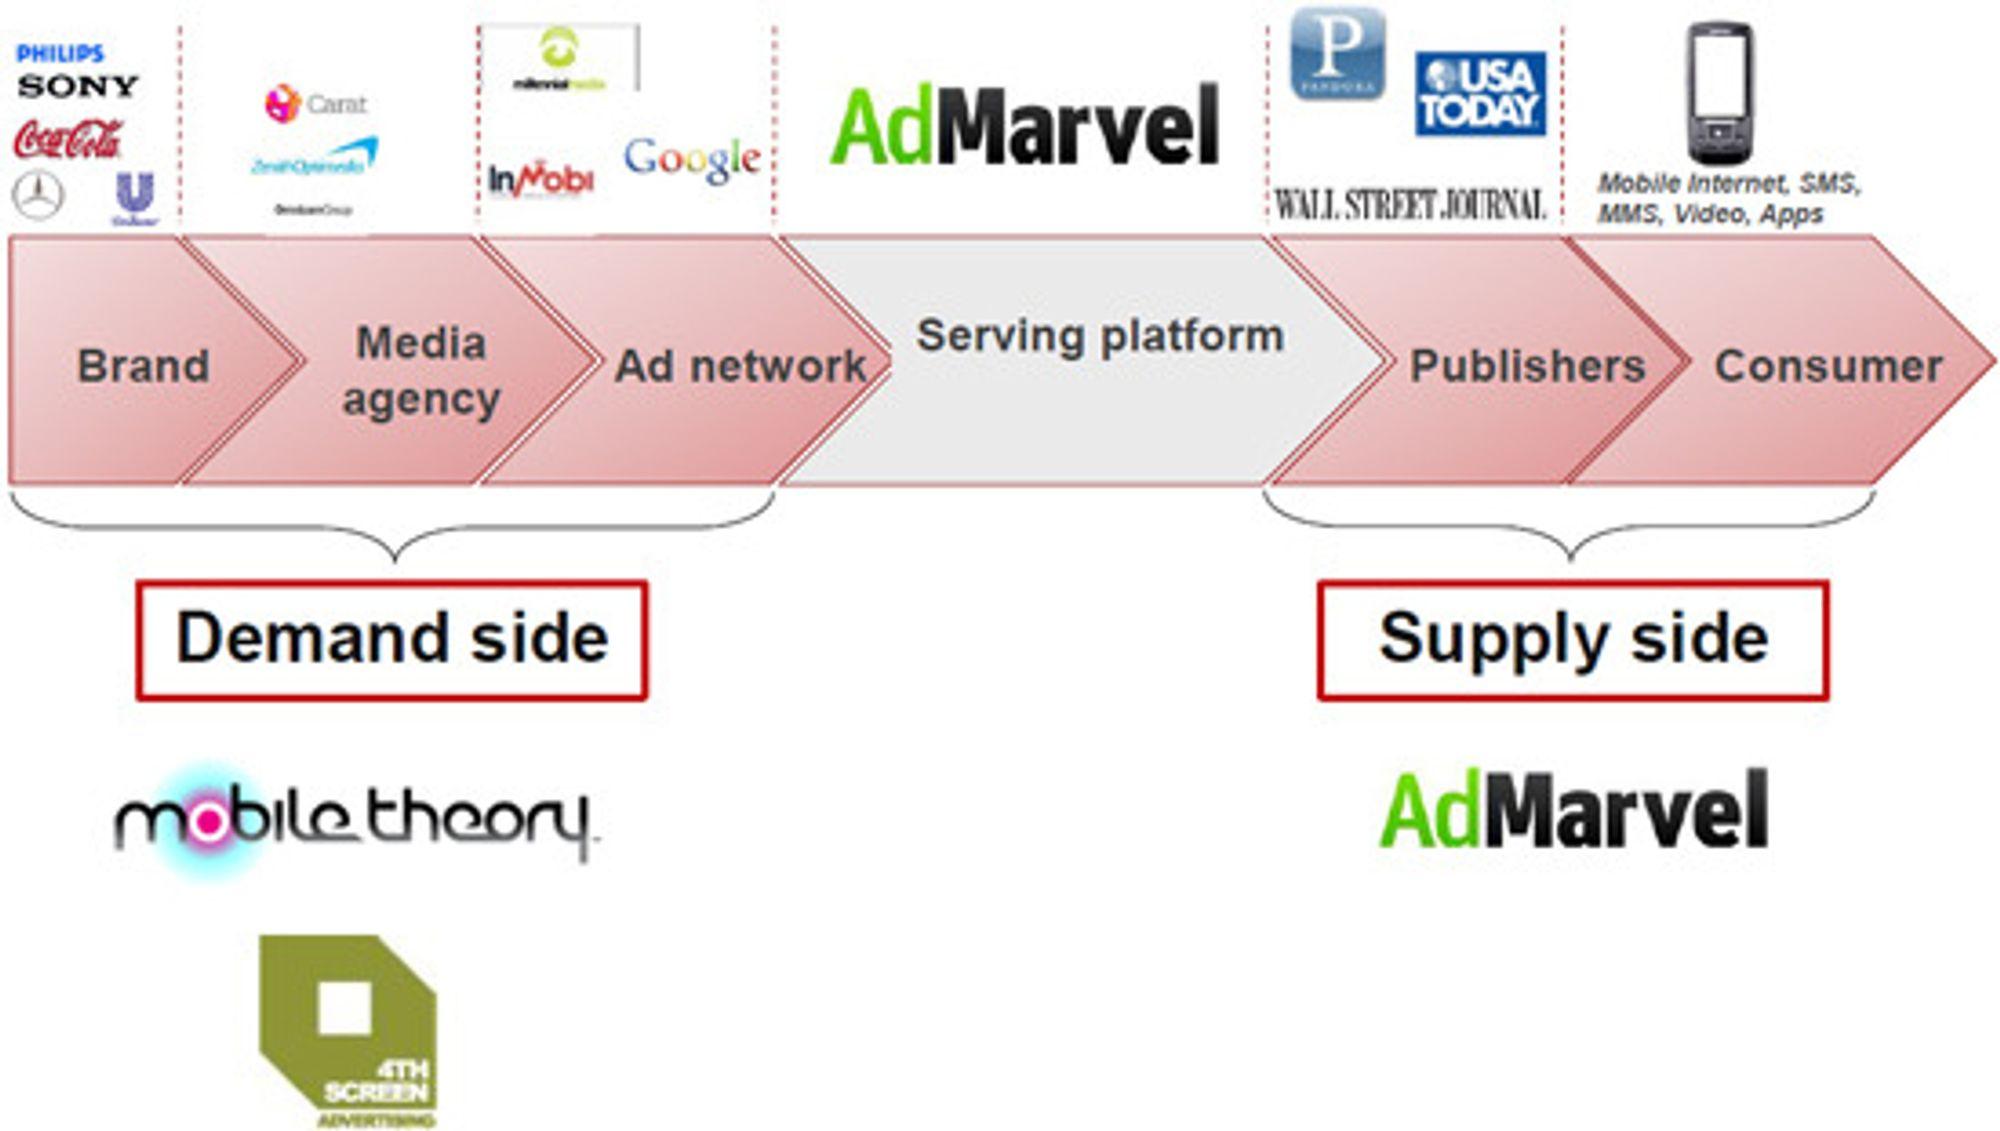 Opera bruker denne plansjen for å forklare satsingen på tjenester for mobilannonsering. AdMarvel ble kjøpt i januar 2010. Mobile Theory og 4TH Screen er nyanskaffelser.